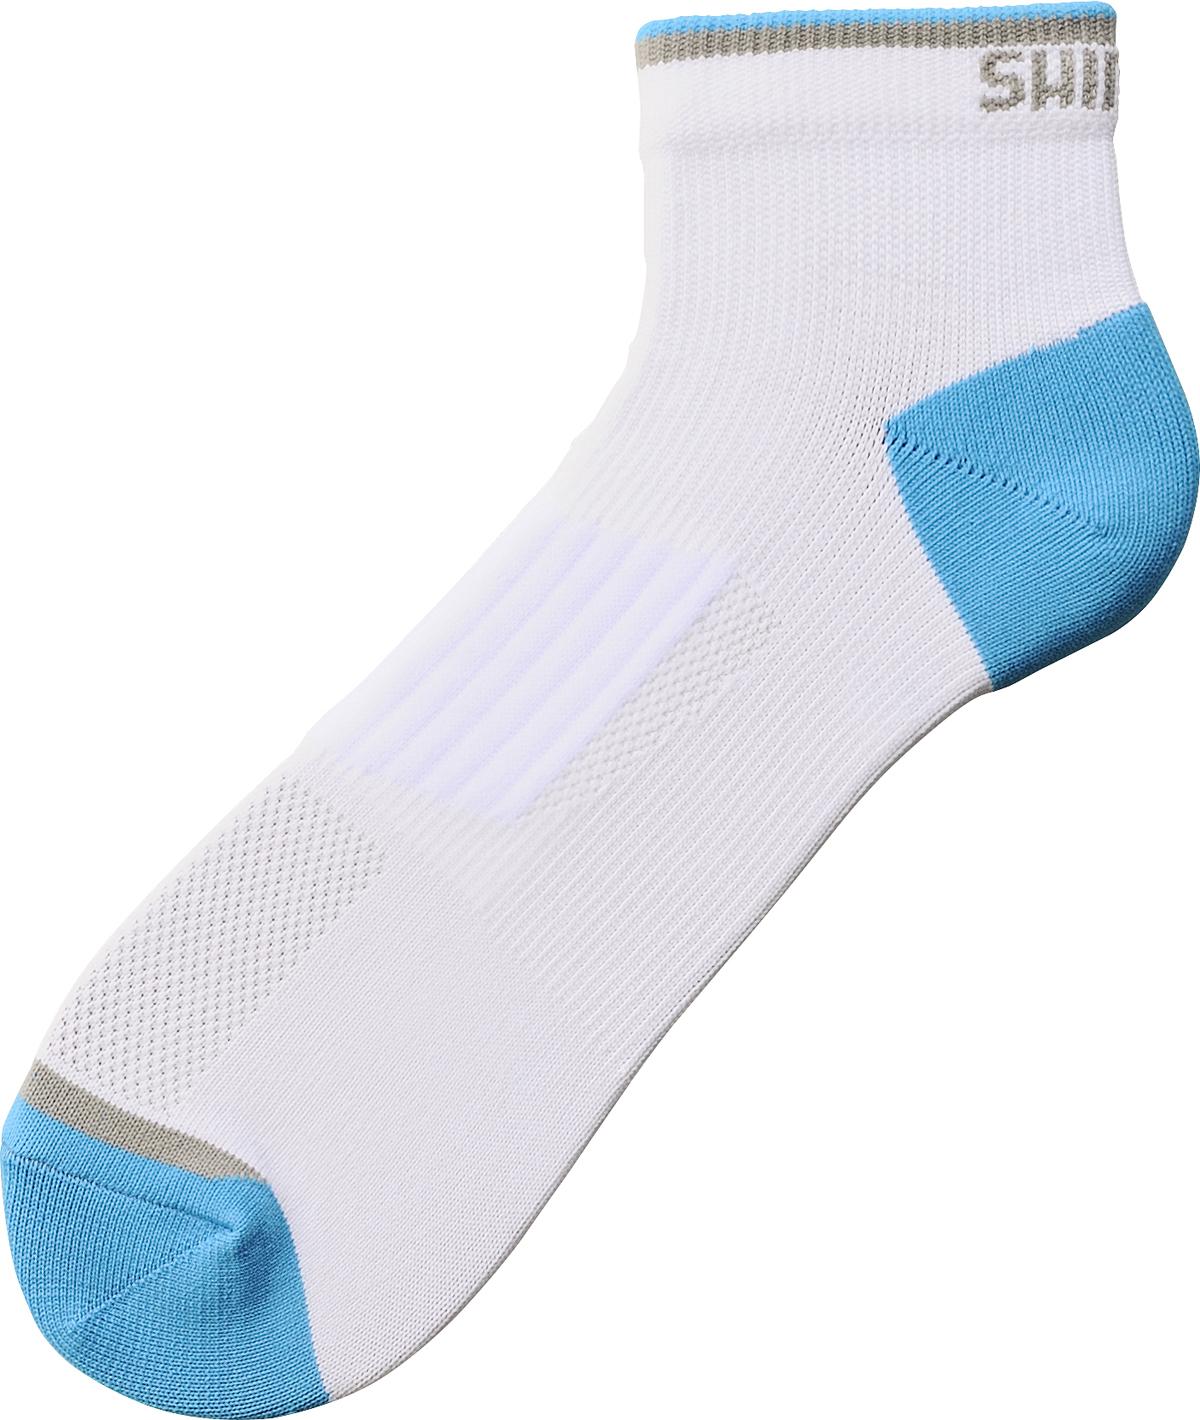 SHIMANO LOW kotníkové ponožky, bílá, M